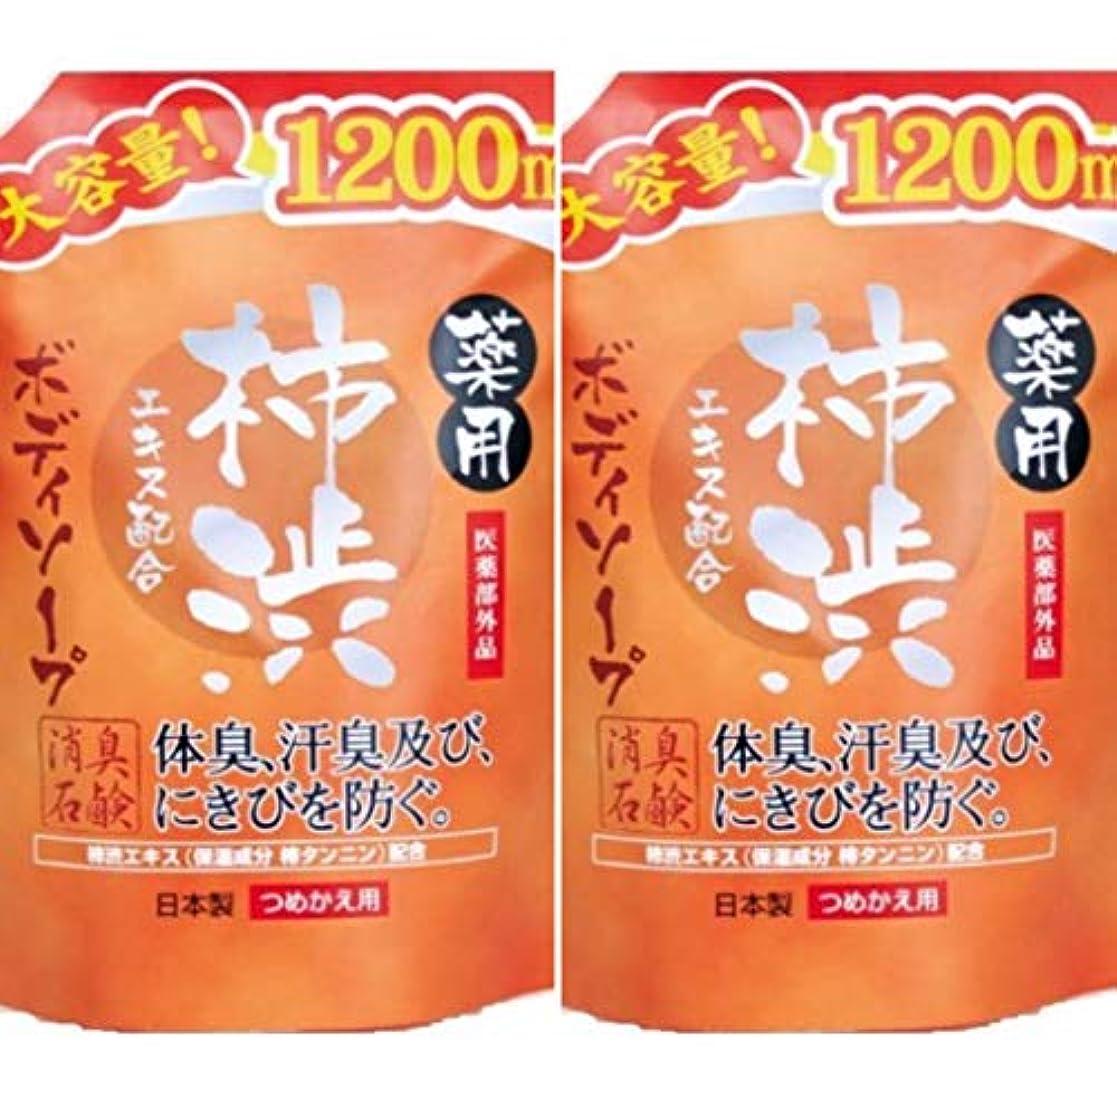 水素損なう打撃薬用柿渋 ボディソープ大容量 1200mL ×2セット